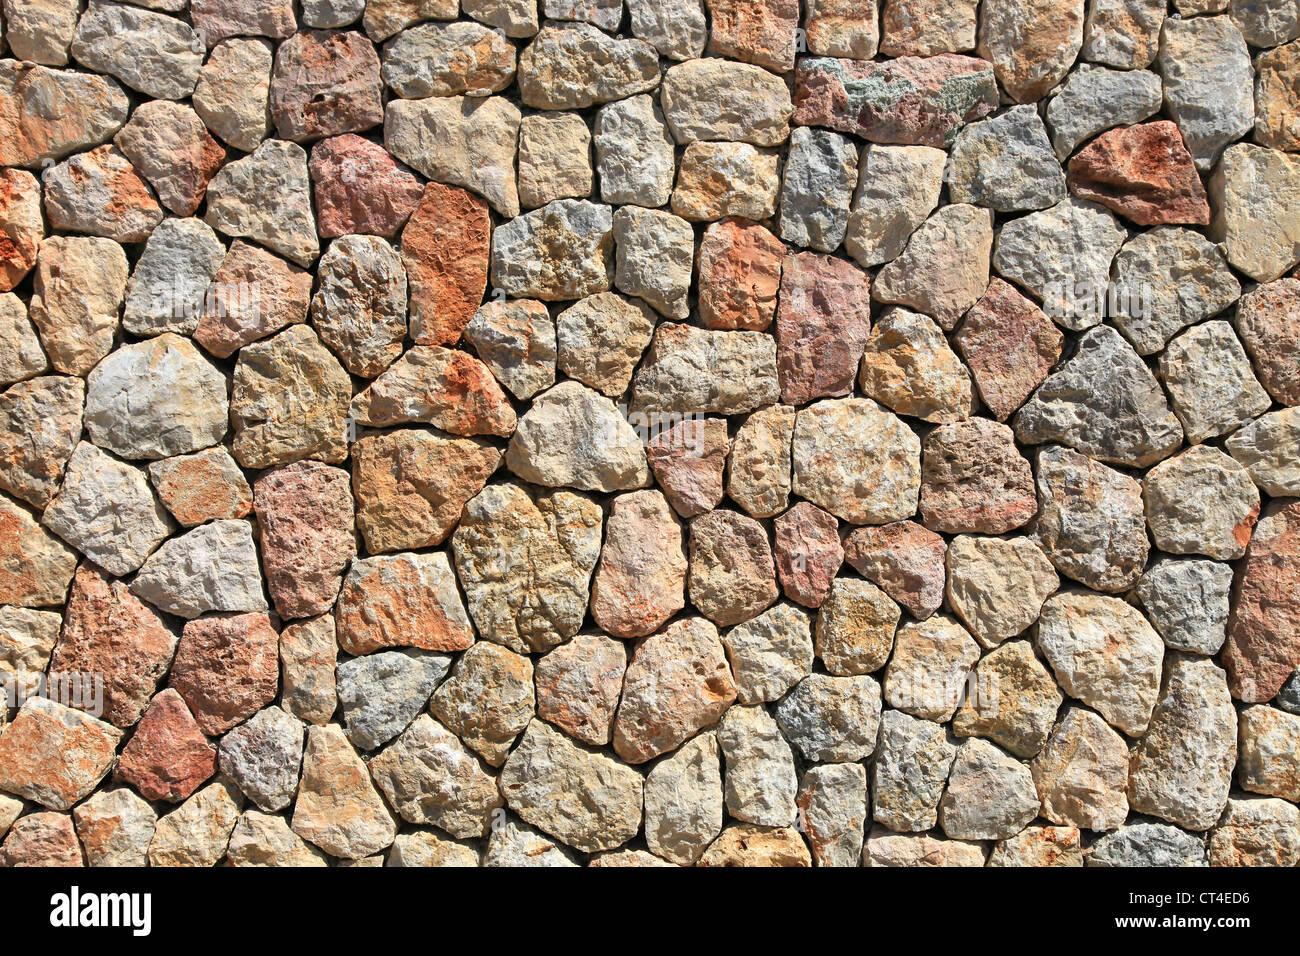 Image abstraite d'un mur de pierre lumineuse, ces images sont parfaits pour les grandes textures et fonds Photo Stock